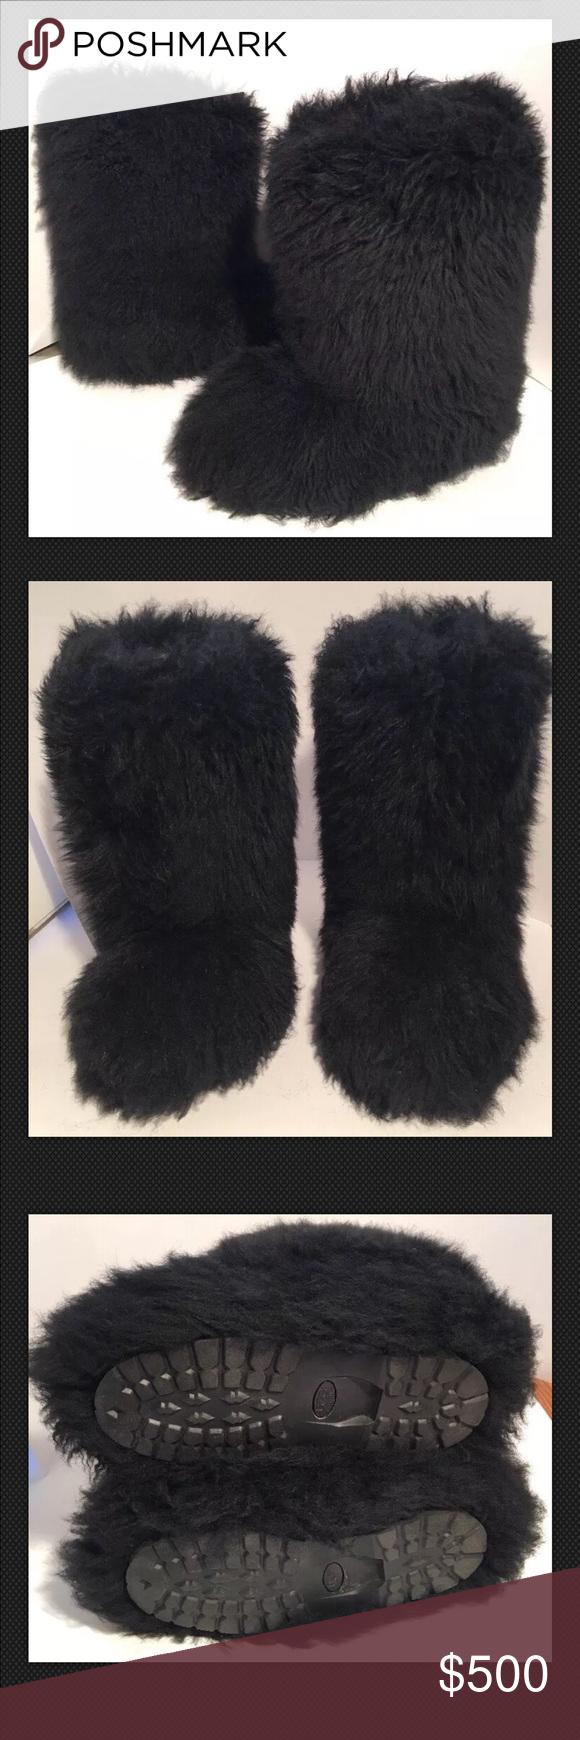 e79e0e172dd hot ugg fluff momma fur boots 5582f d6243